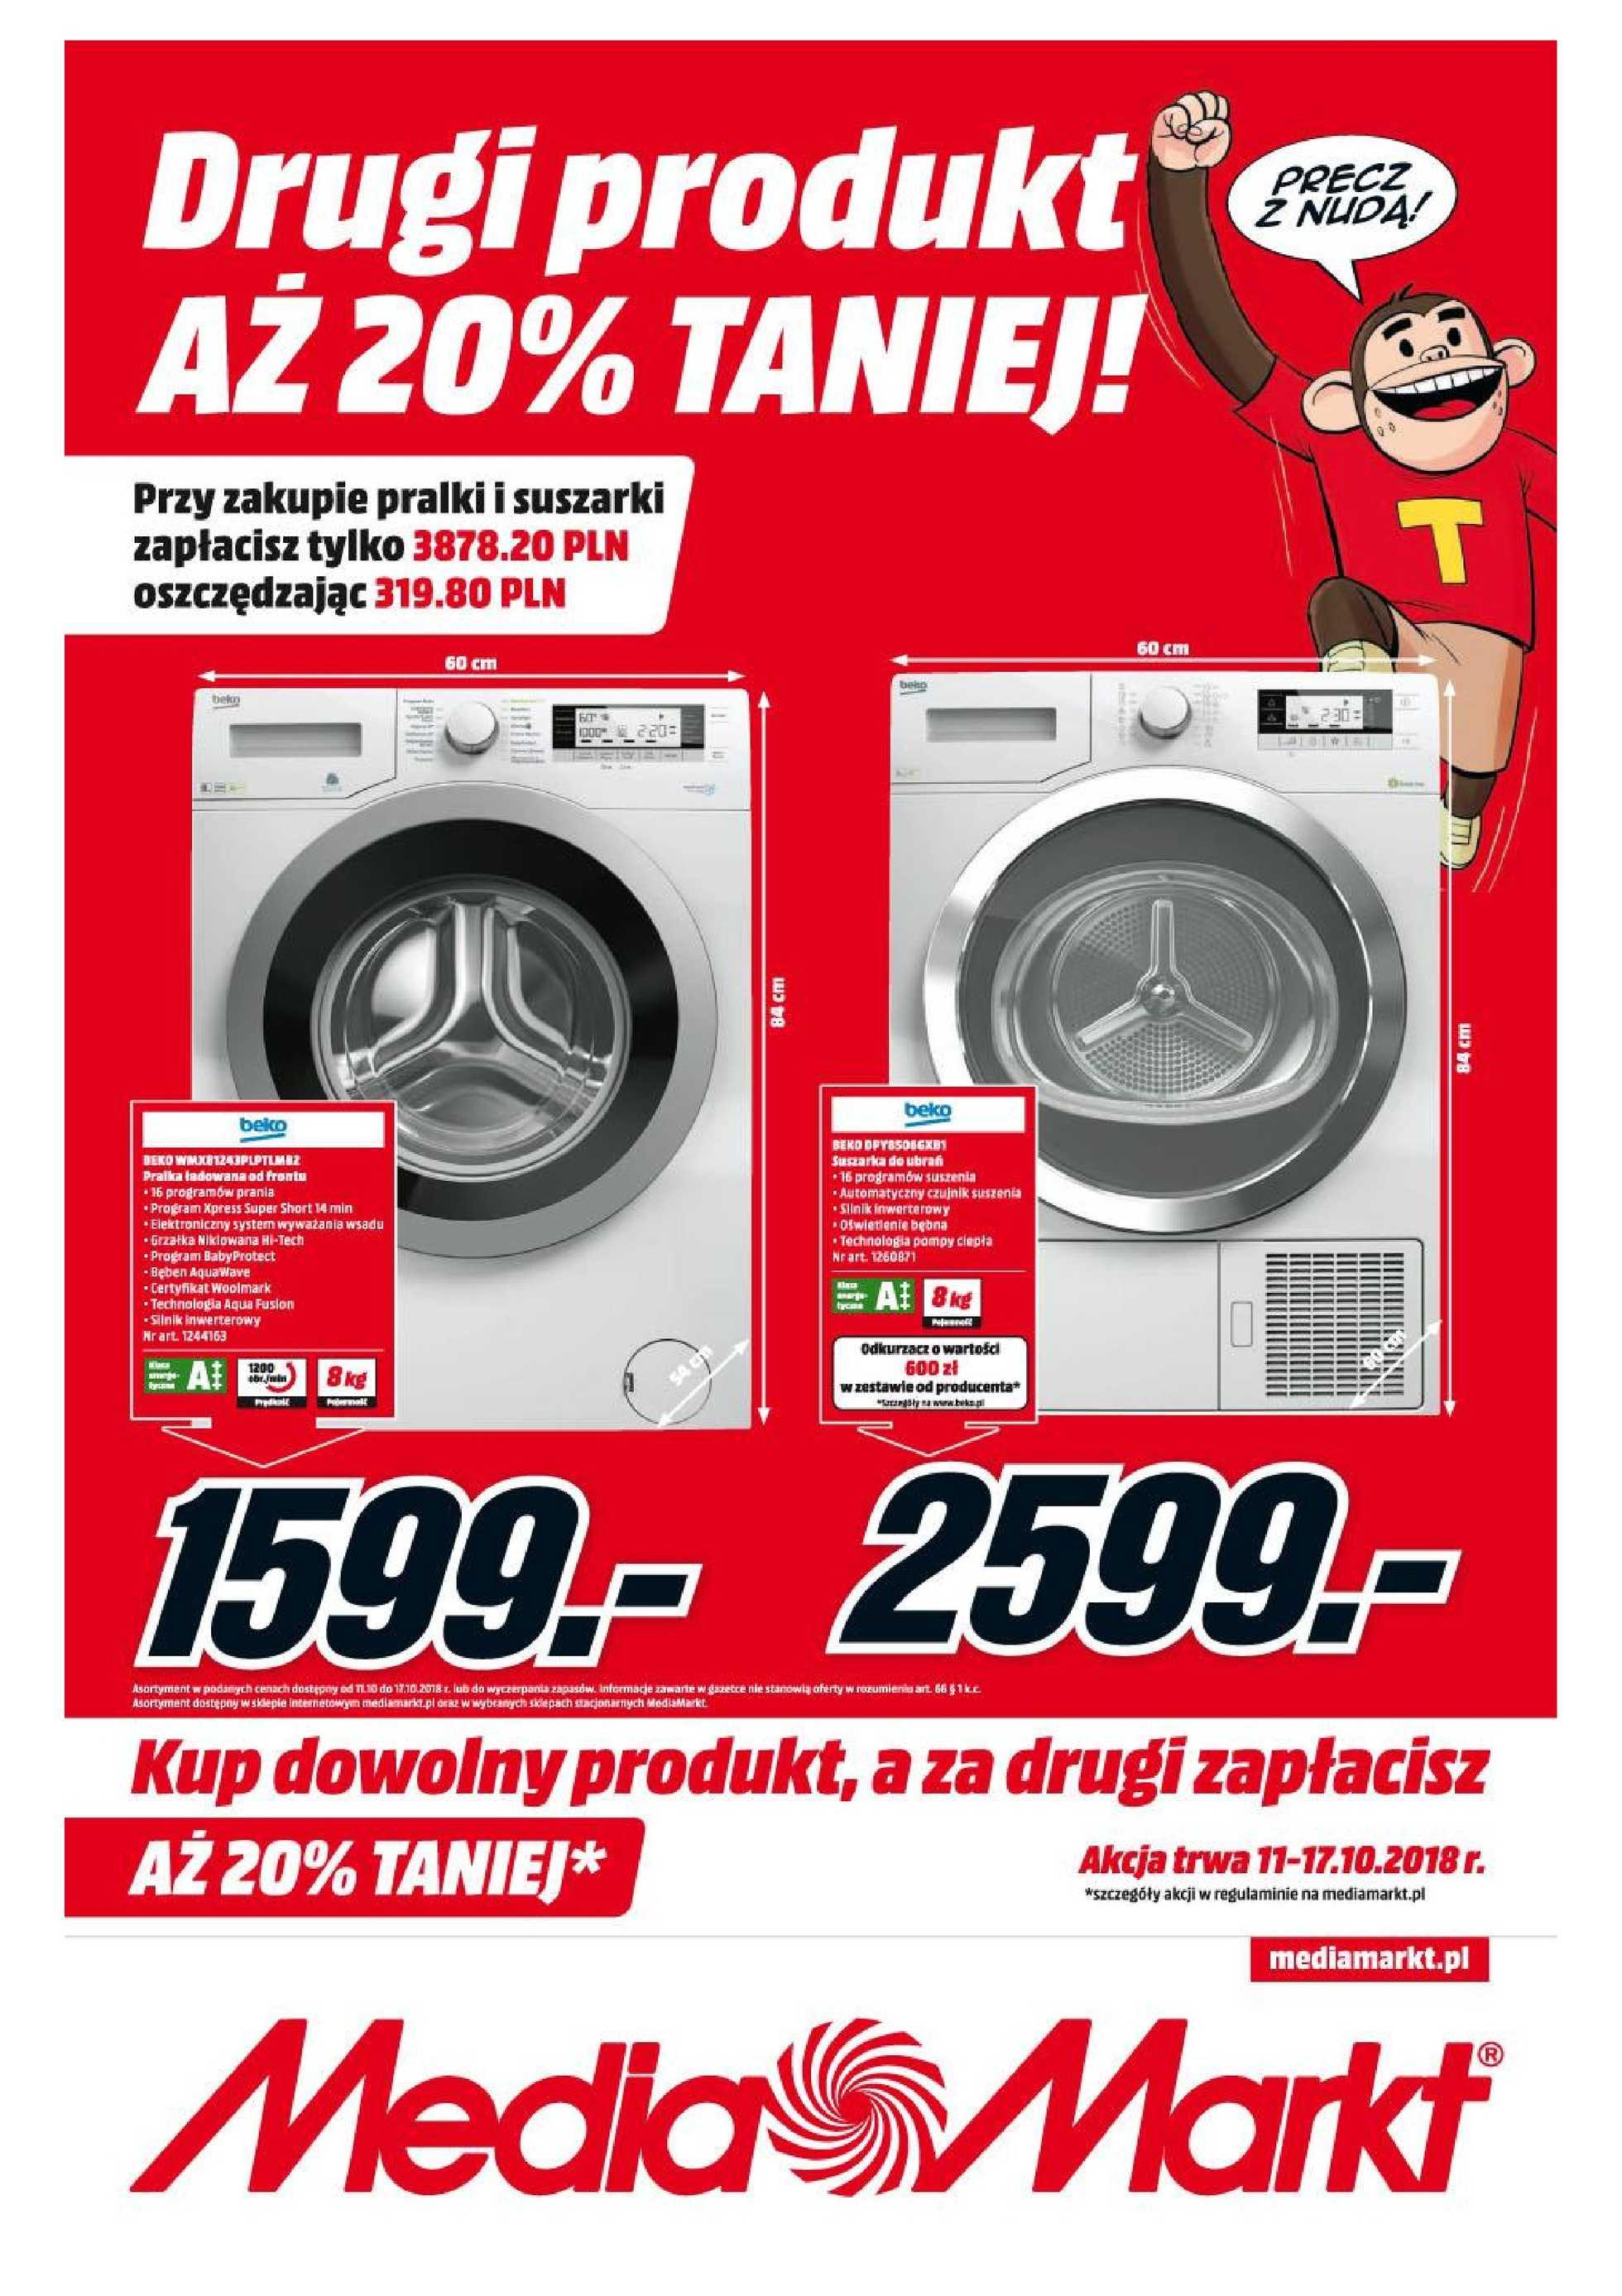 Media Markt Gazetka Promocyjna 11102018 Gazetkowopl